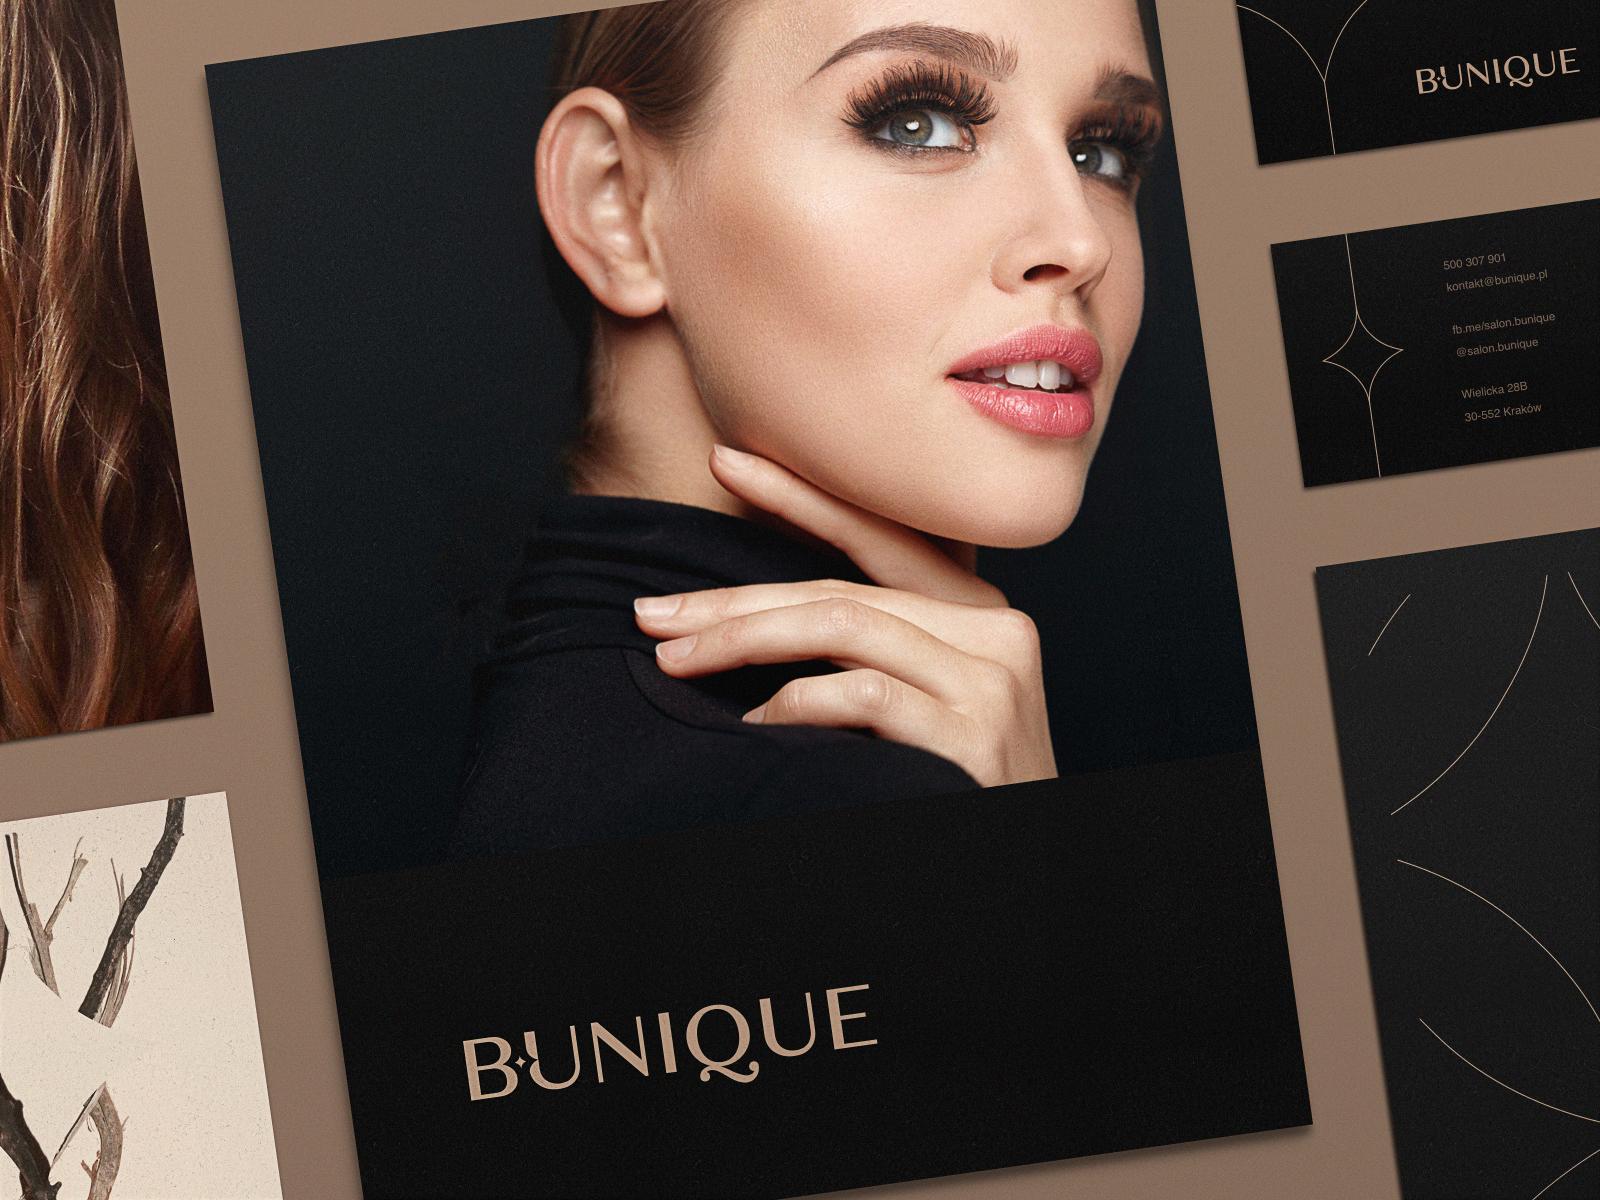 Bunique Brand Identity